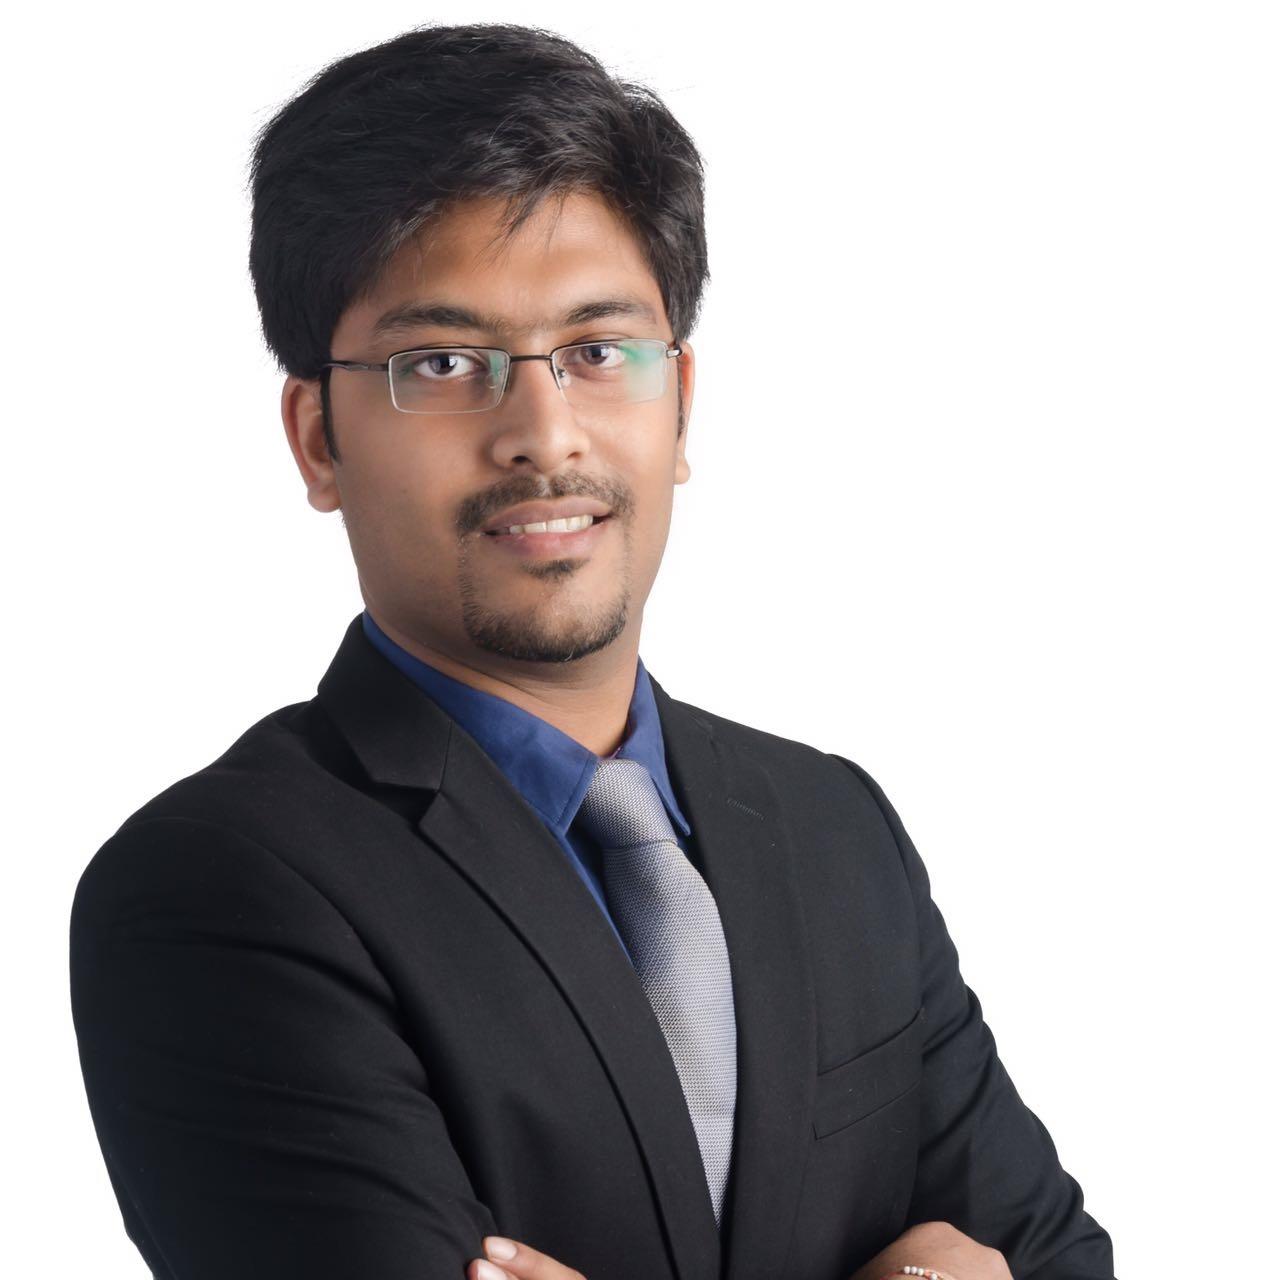 Mr Rishabh Shah